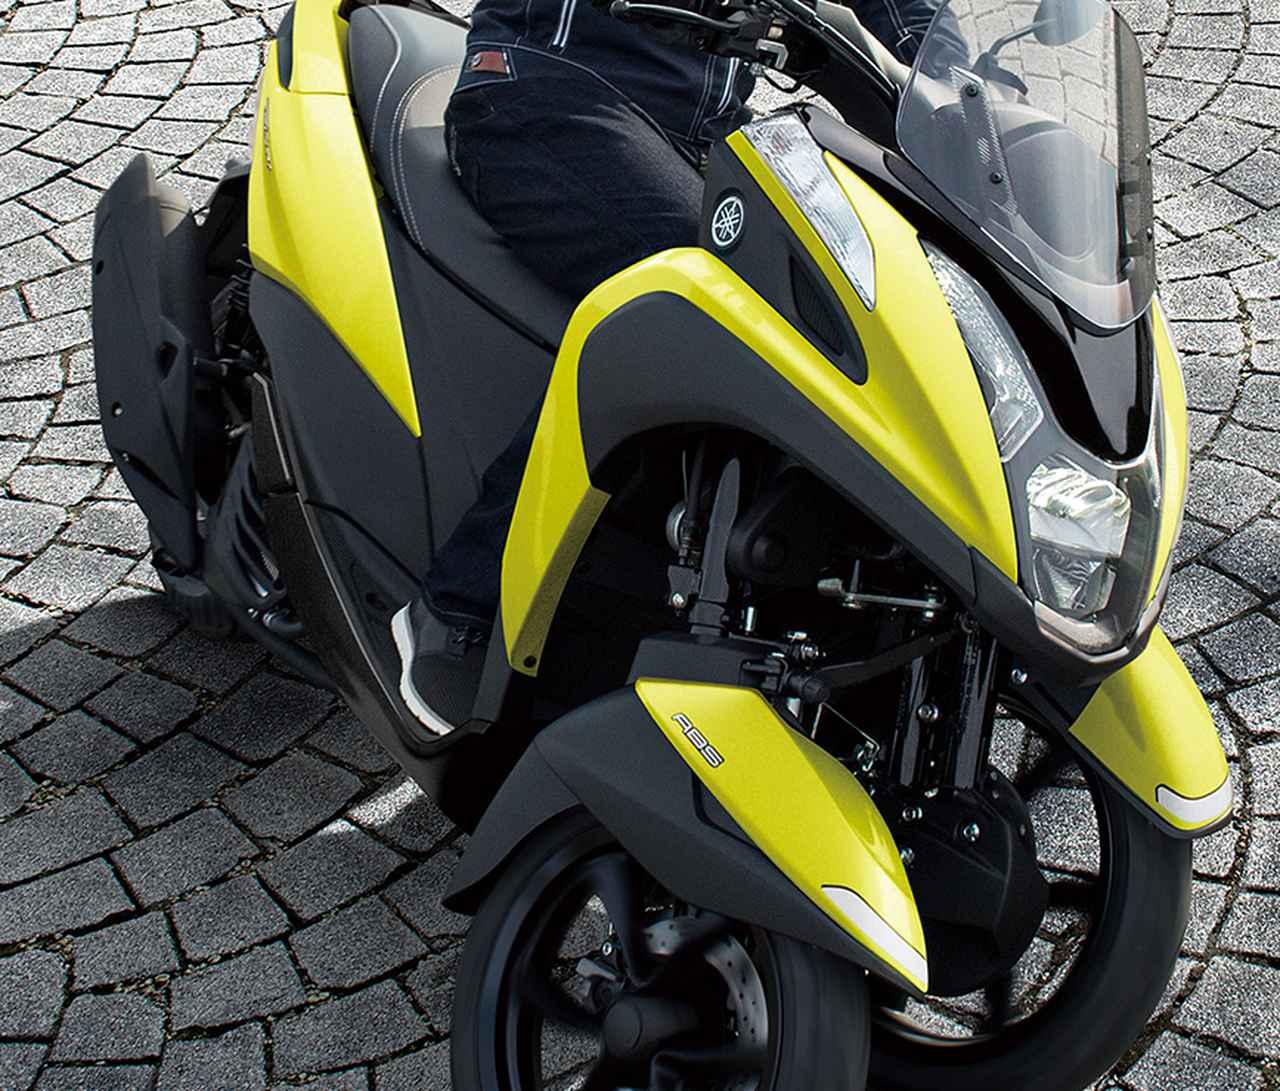 ヤマハが原付二種「トリシティ125」の2021年モデルを発売! 鮮明な新色〈イエロー〉が登場